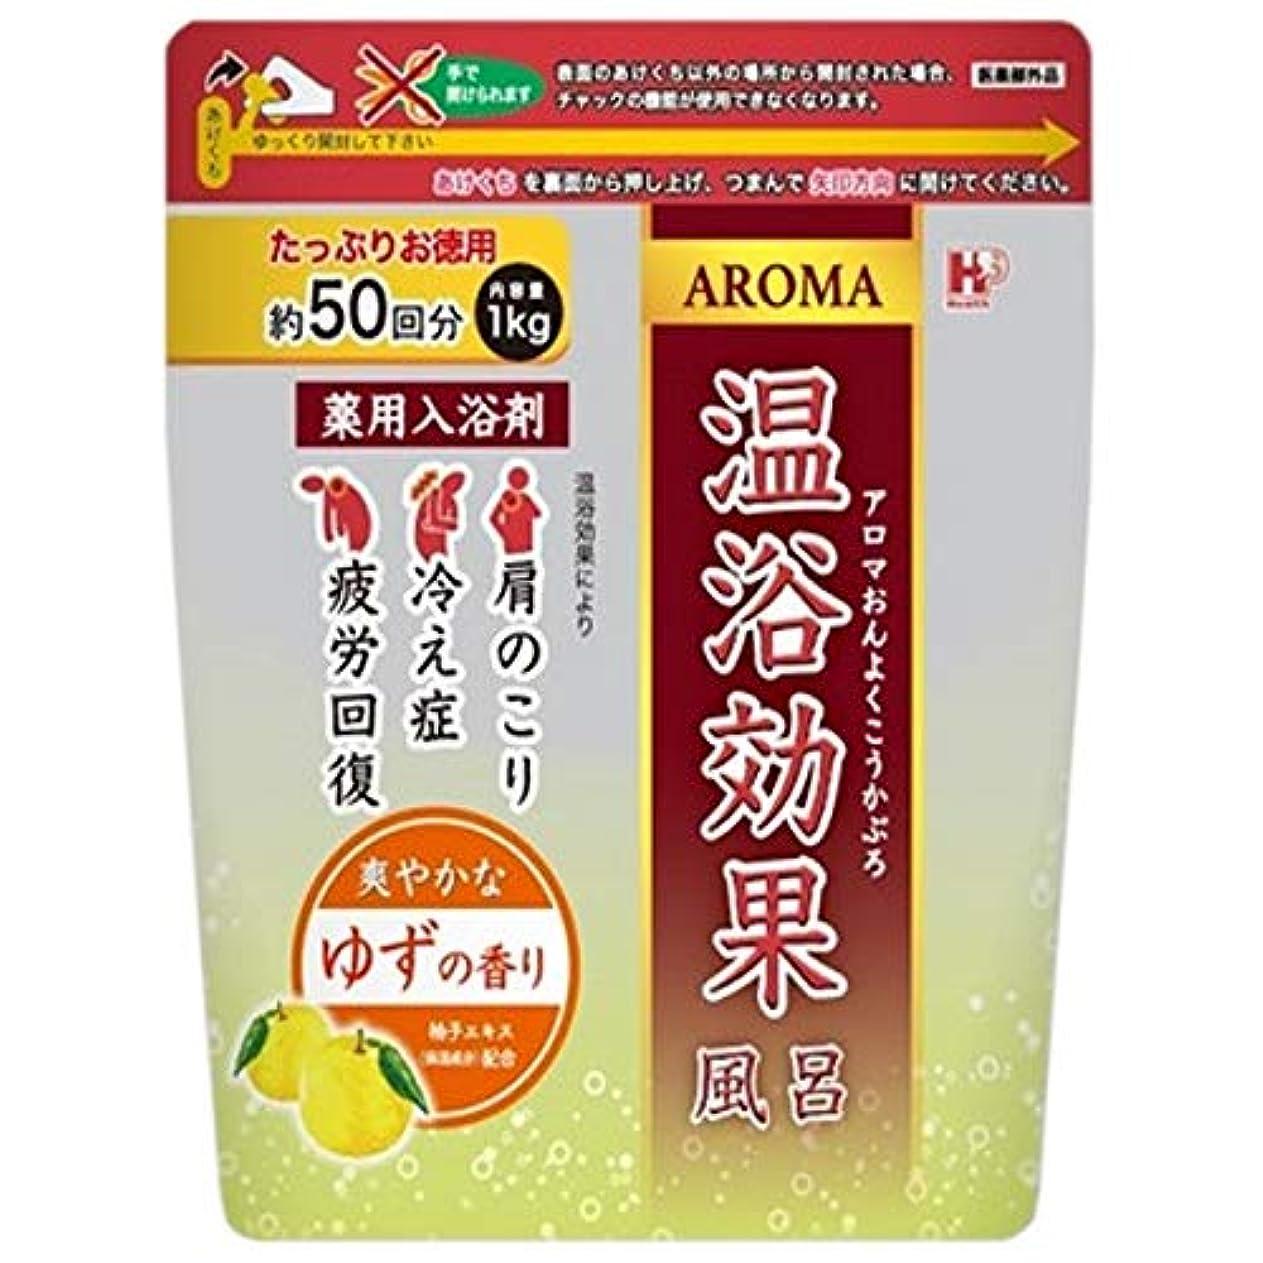 略す花輪リム薬用入浴剤 アロマ温浴効果風呂 ゆず 1kg×10袋入